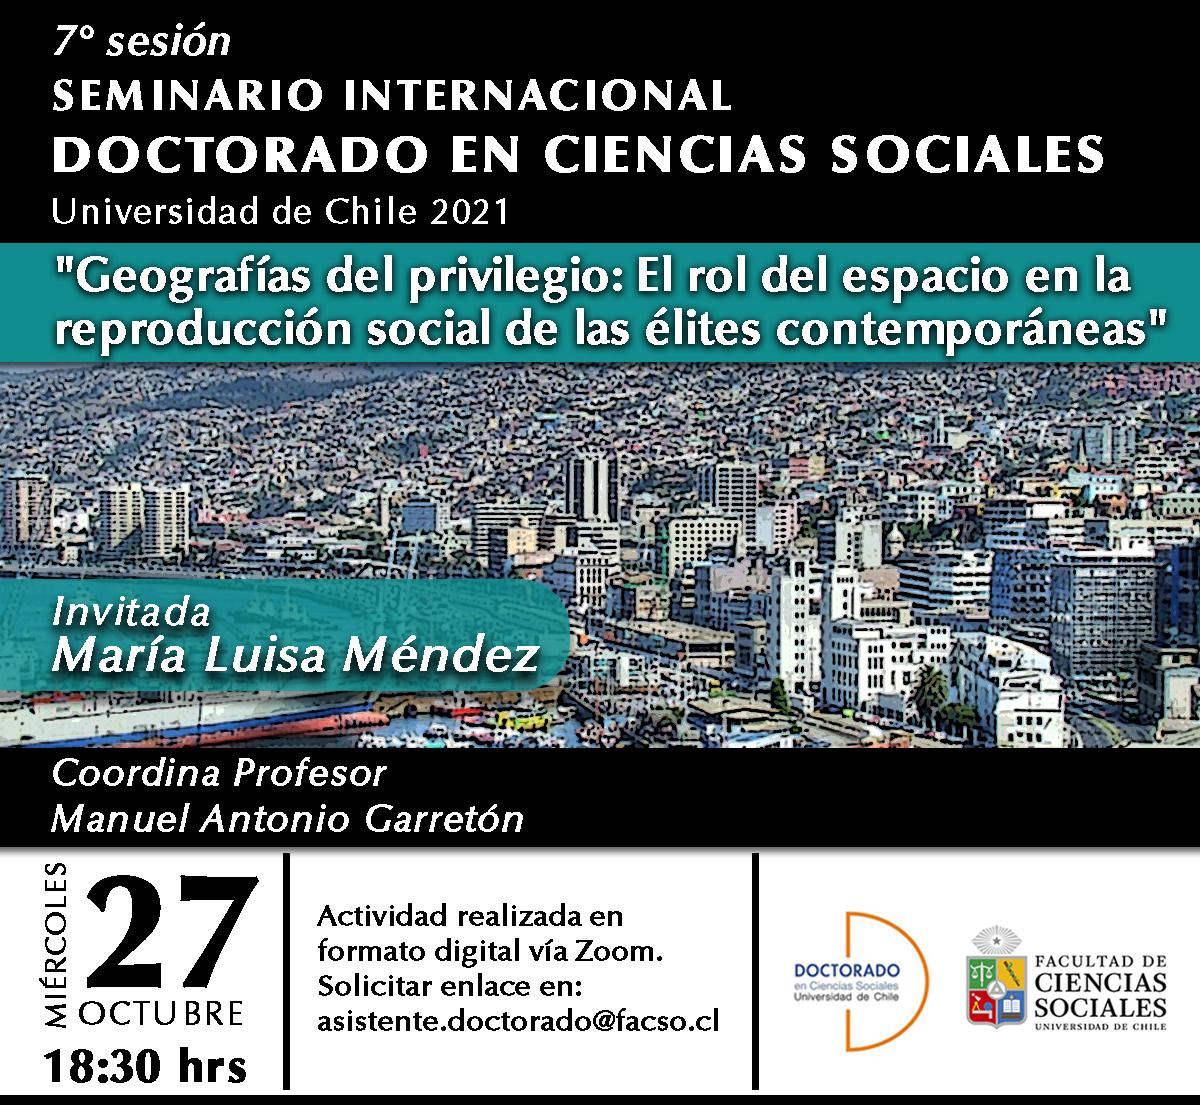 Séptima sesión del seminario Internacional del Doctorado en Ciencias Sociales 2021